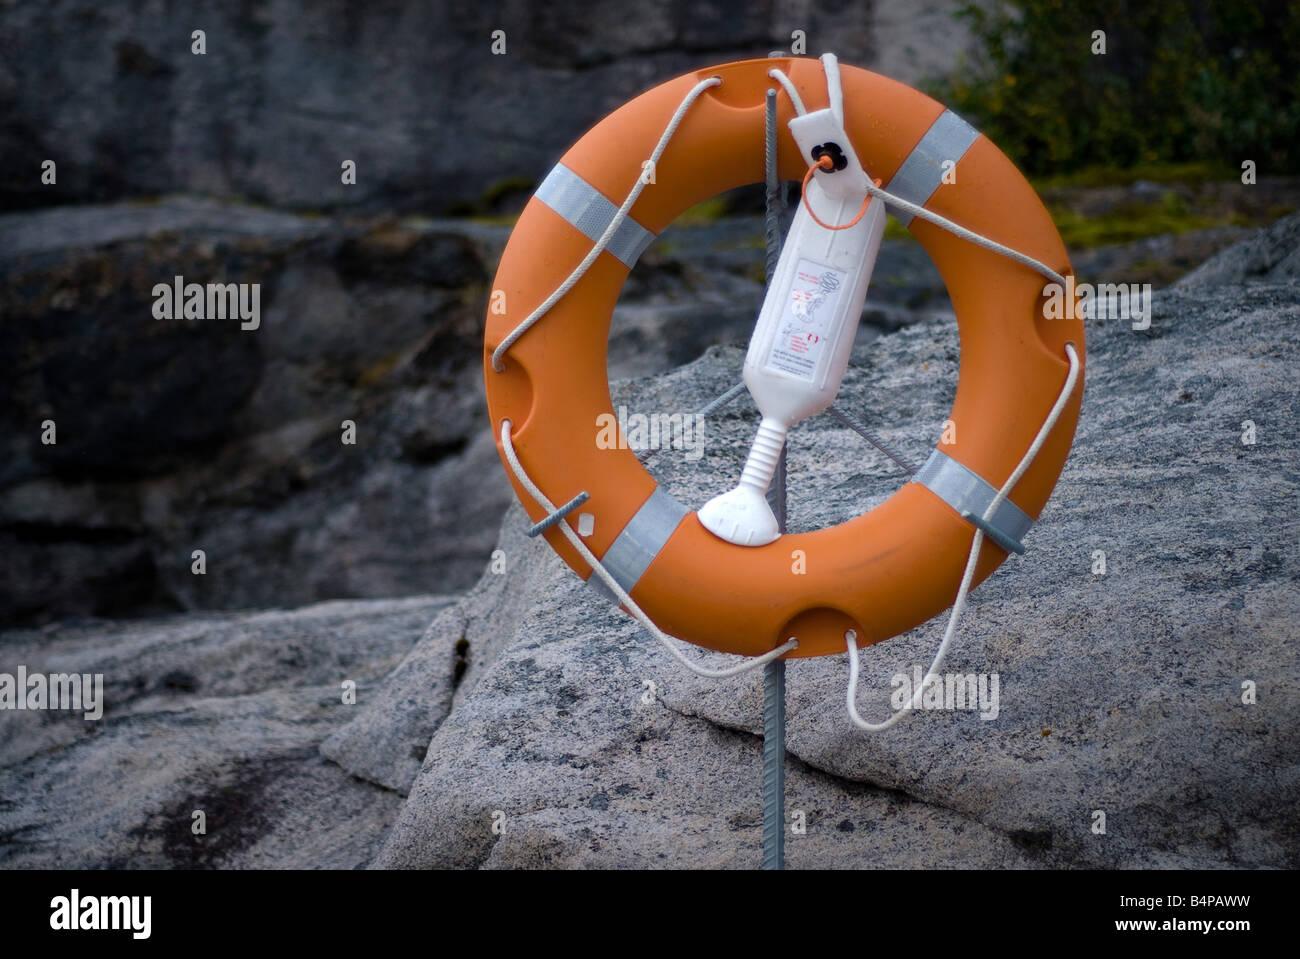 Lifebelt rescue ring marine safety equipment - Stock Image